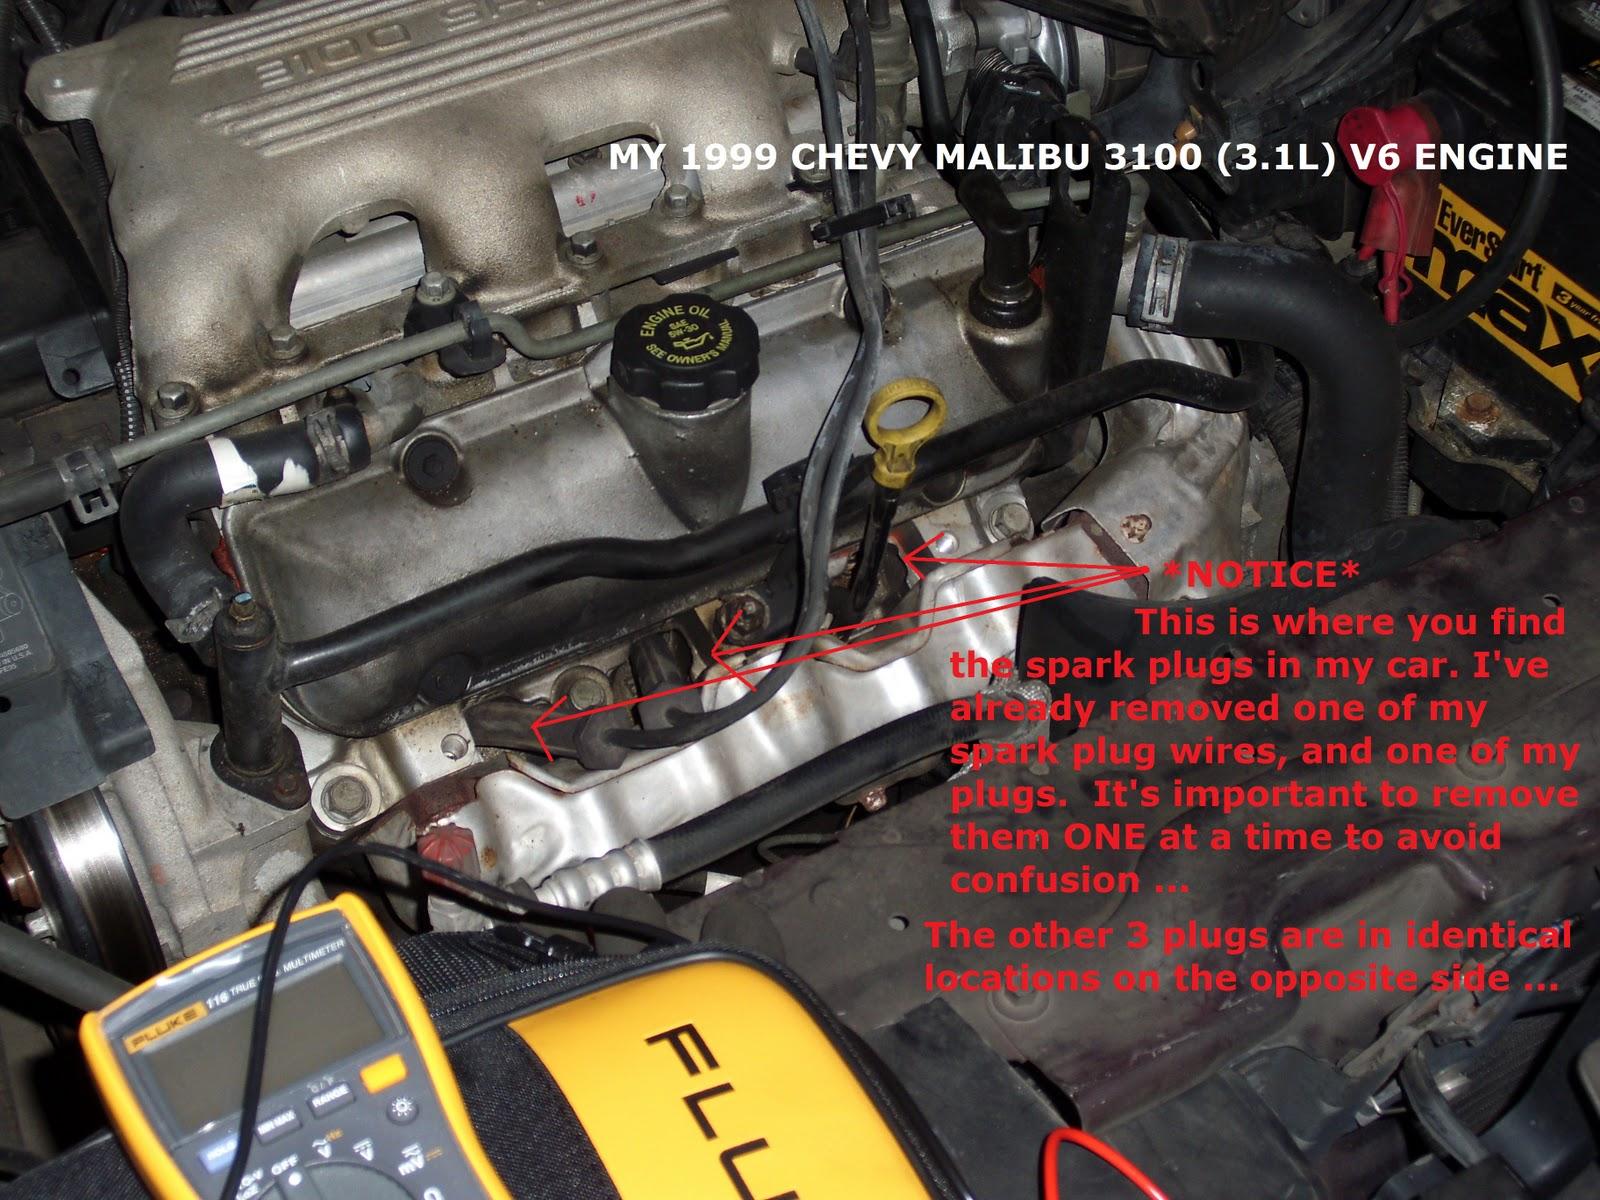 2006 Chevy Malibu Spark Plug Wiring Diagram - WIRING DIAGRAMS • on astro van power steering hose diagram, astro van wiring diagram, astro van vacuum line diagram, astro van cooling system diagram, astro van heater hose diagram,